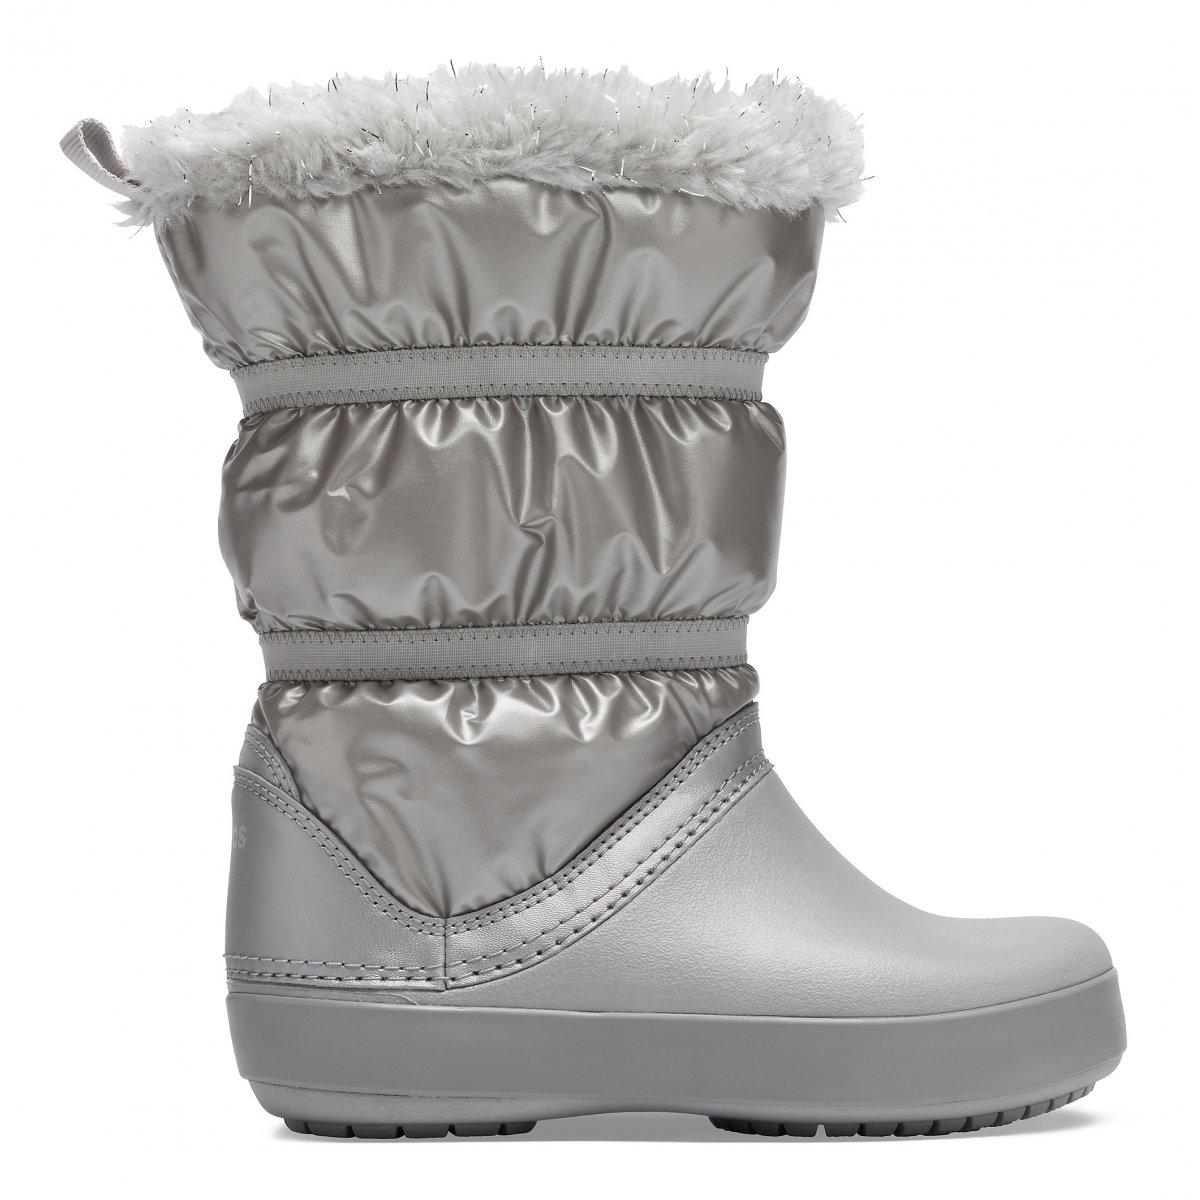 acquisto speciale orologio selezione più recente Crocband™ LodgePoint Metallic Boot G - Stivali Footwear ...